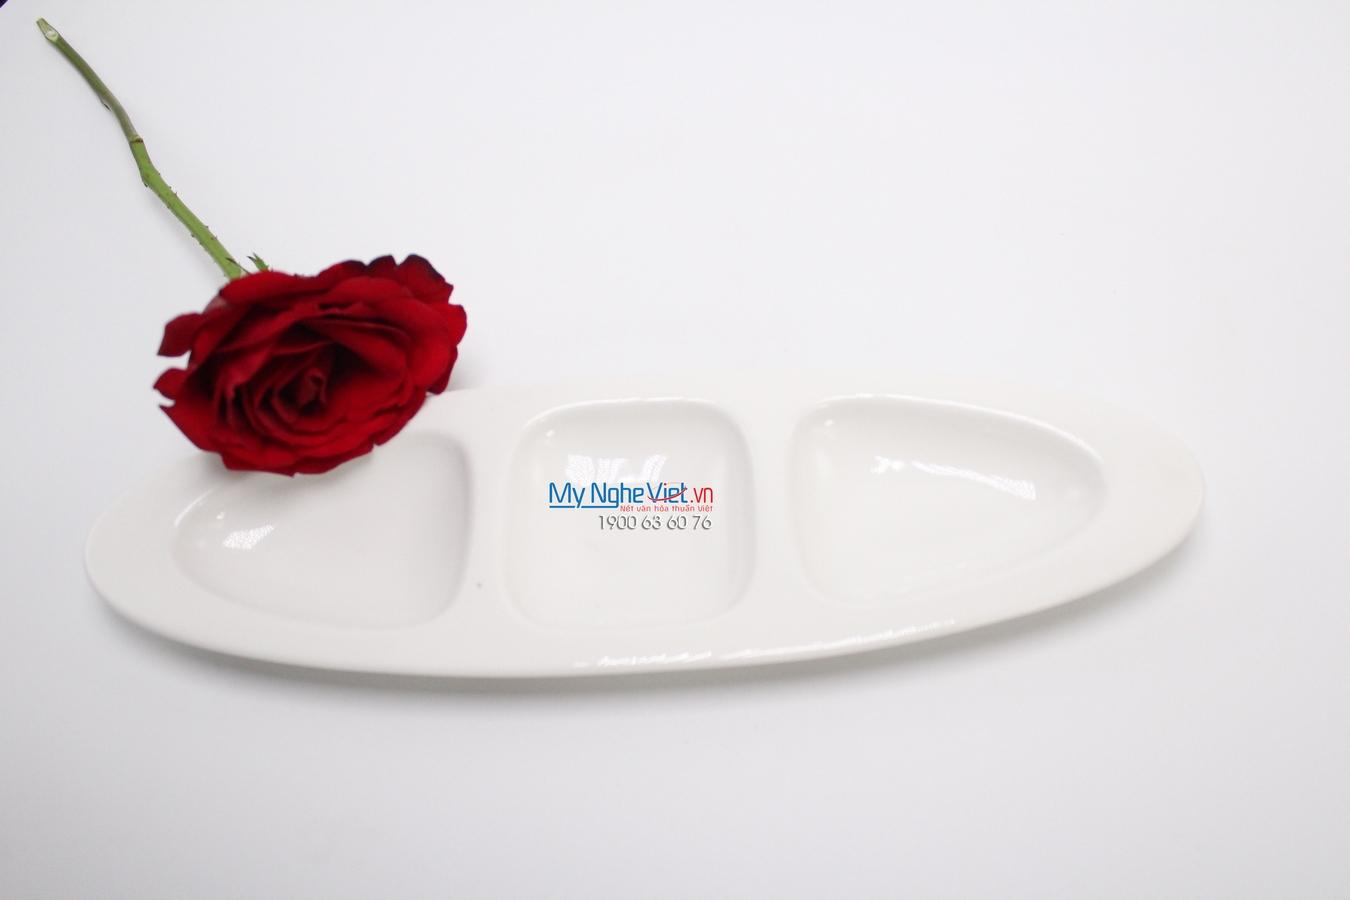 Dĩa oval ba ngăn 28 cm trắng ngà - MNV - 572844000